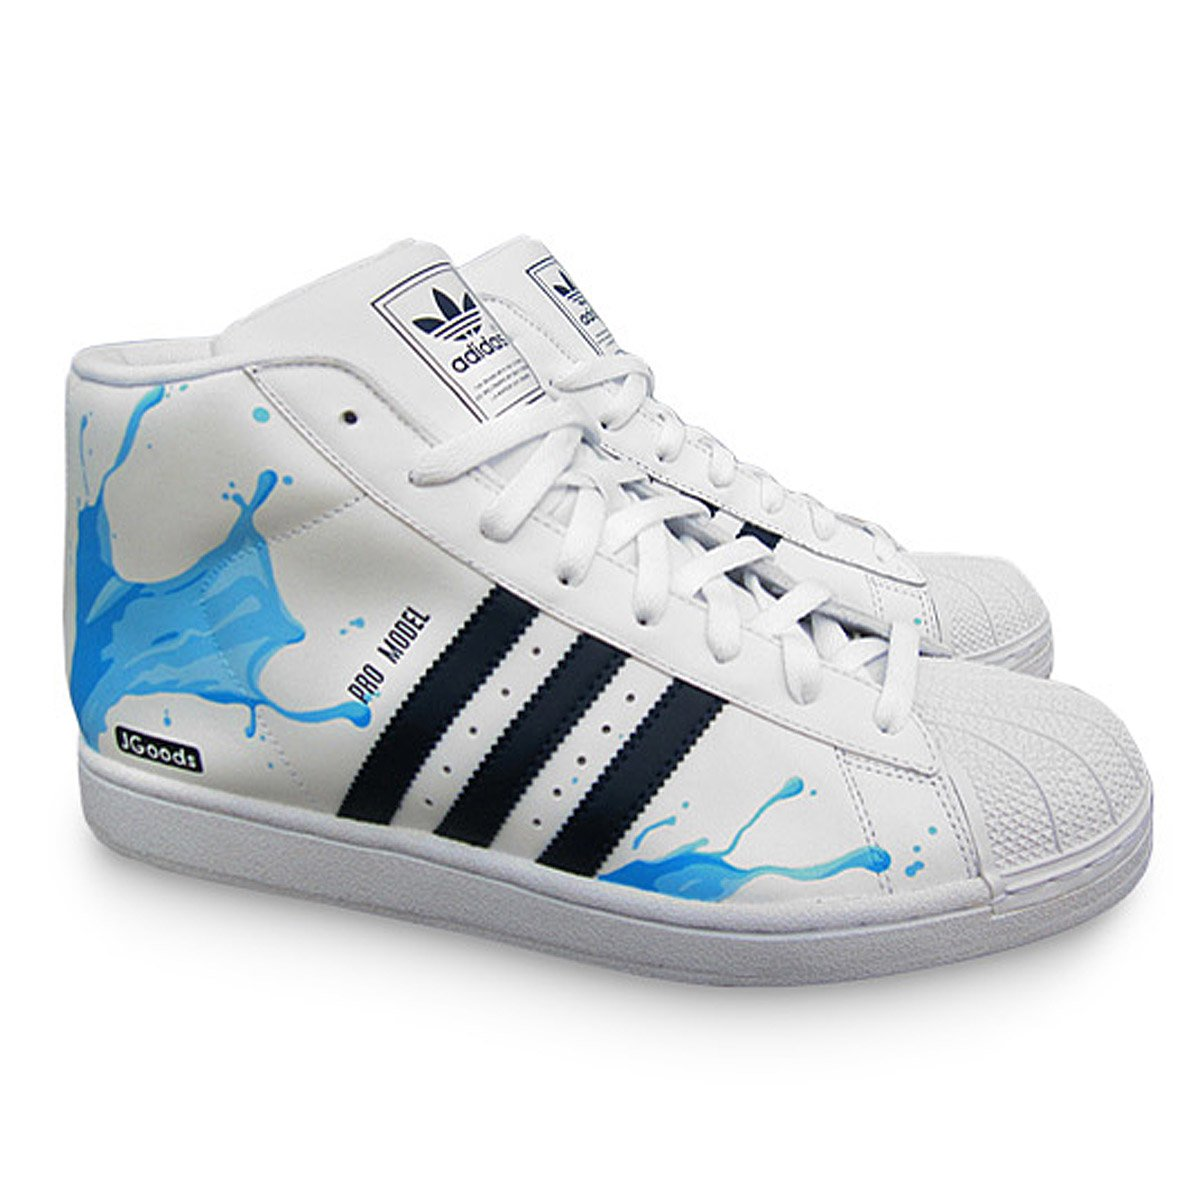 sneaker customization kit 3 thumbnail